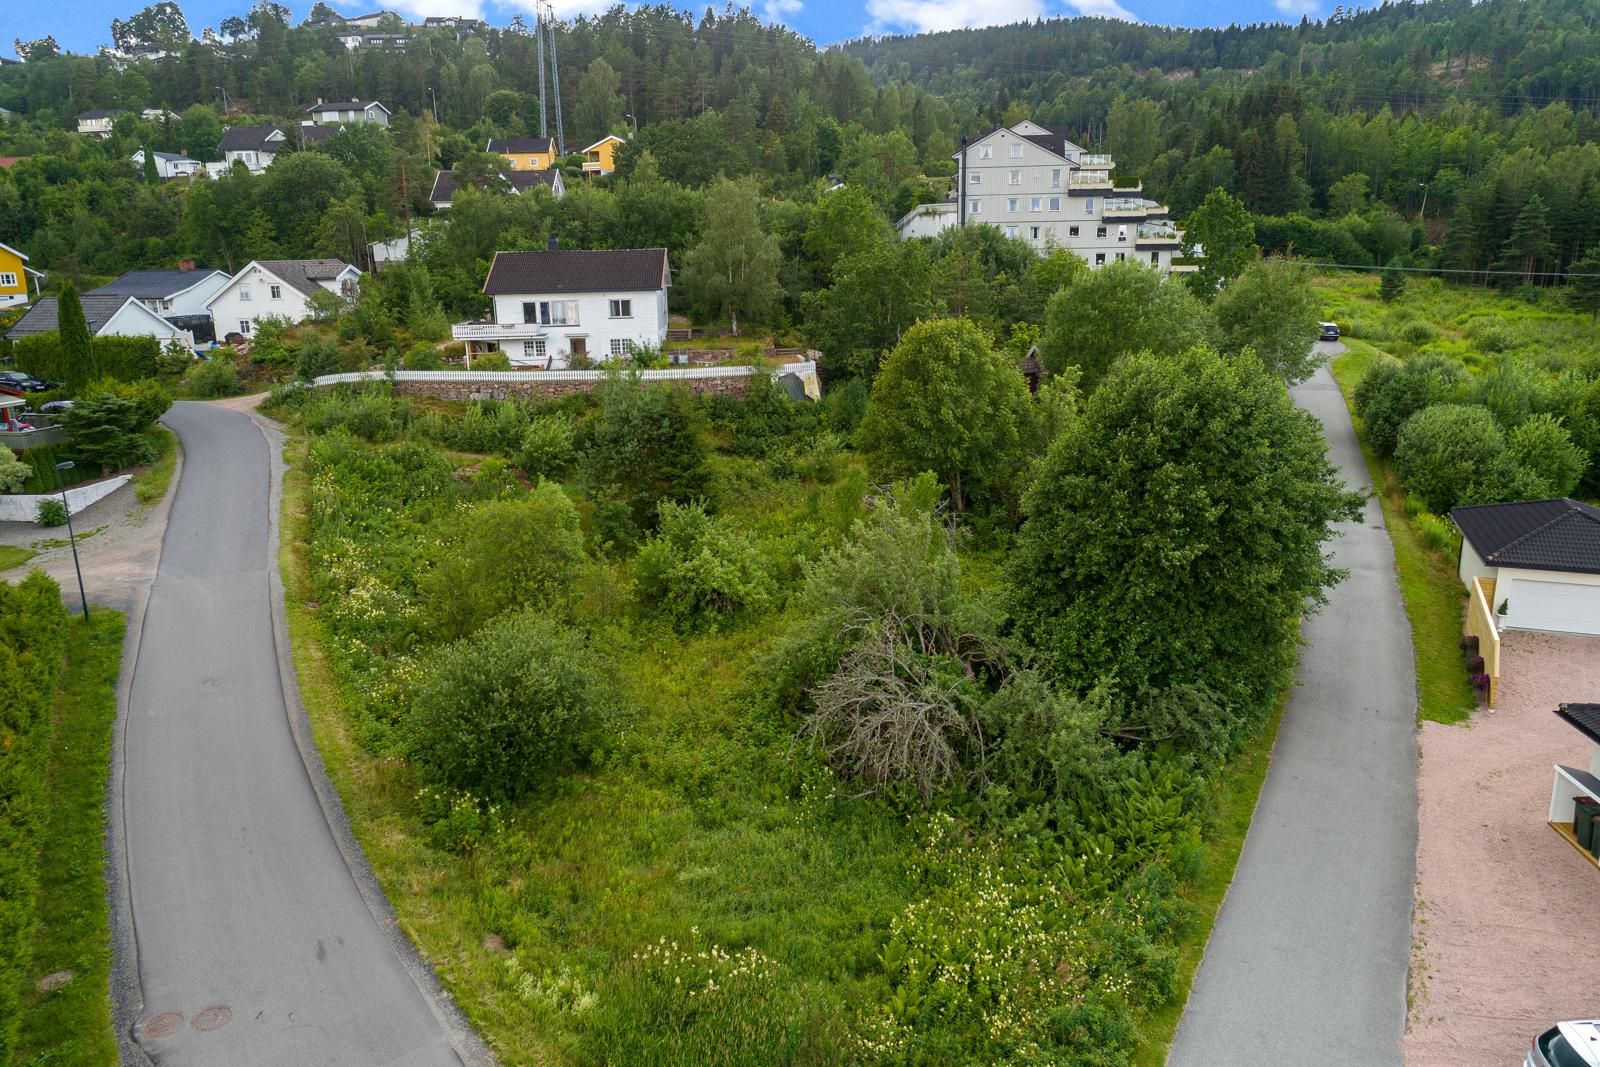 Tomten sett fra luften over veien, Plassen